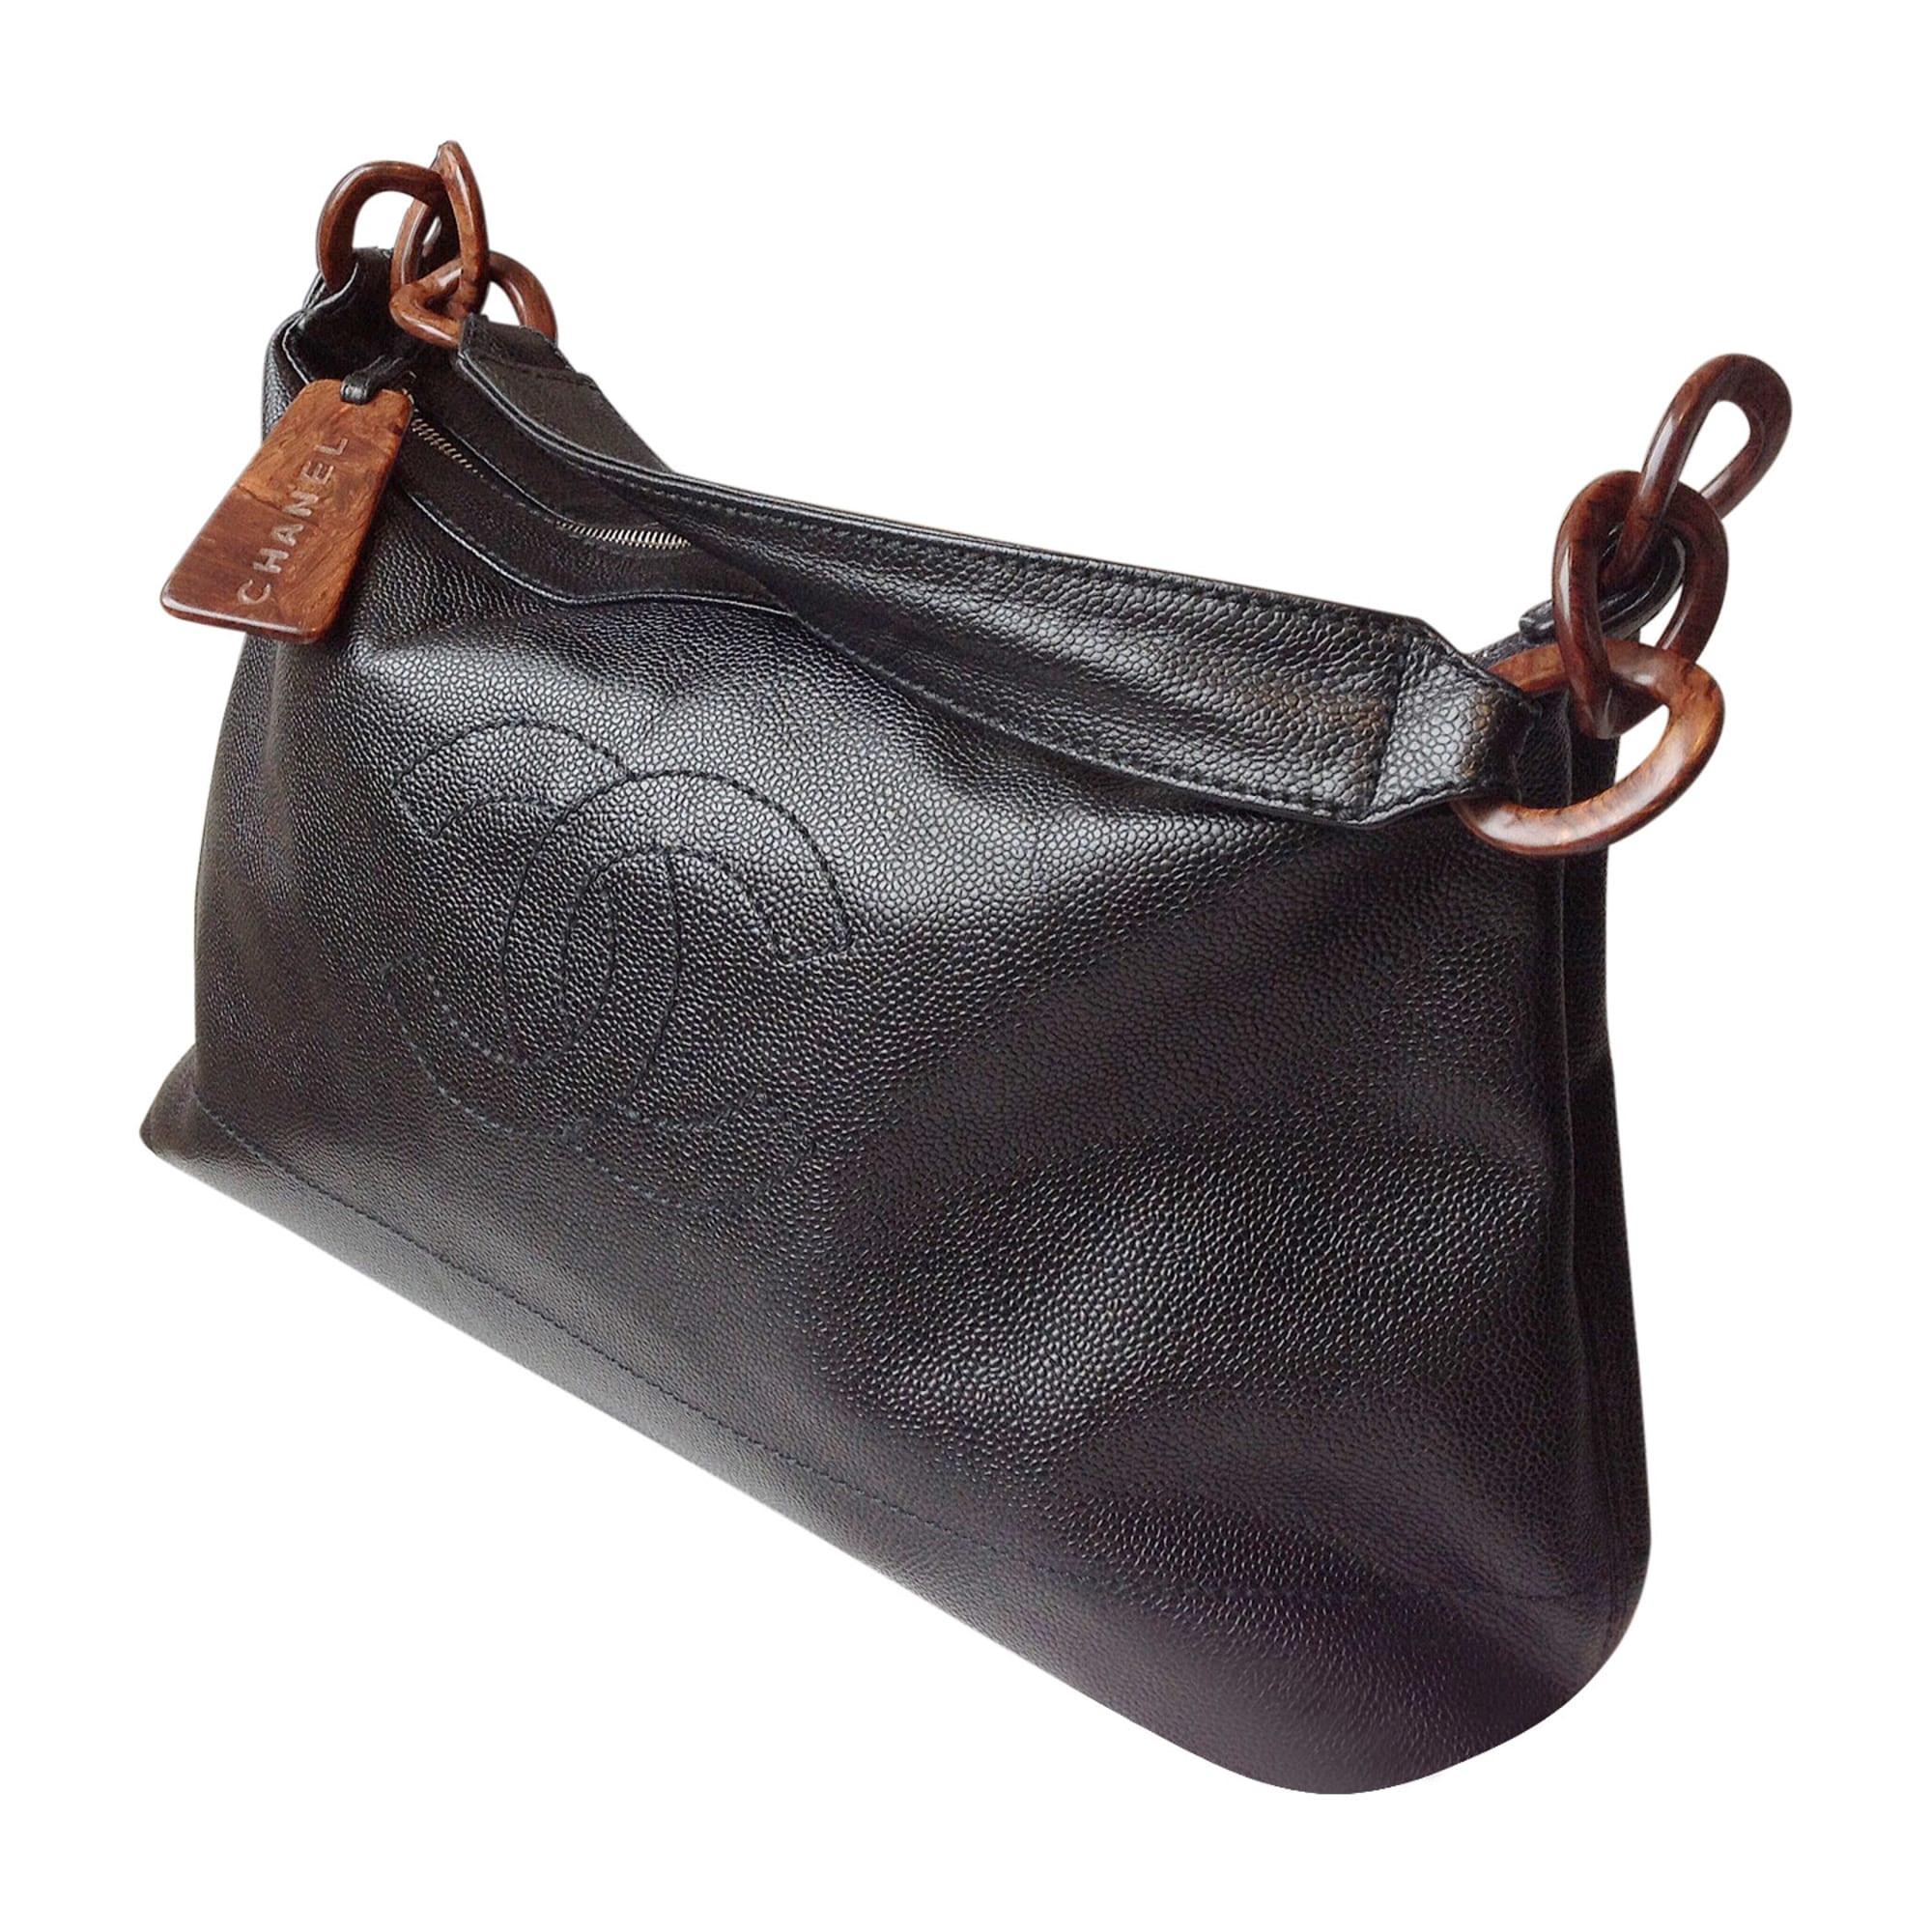 021e4fb95a Sac à main en cuir CHANEL noir - 1346202